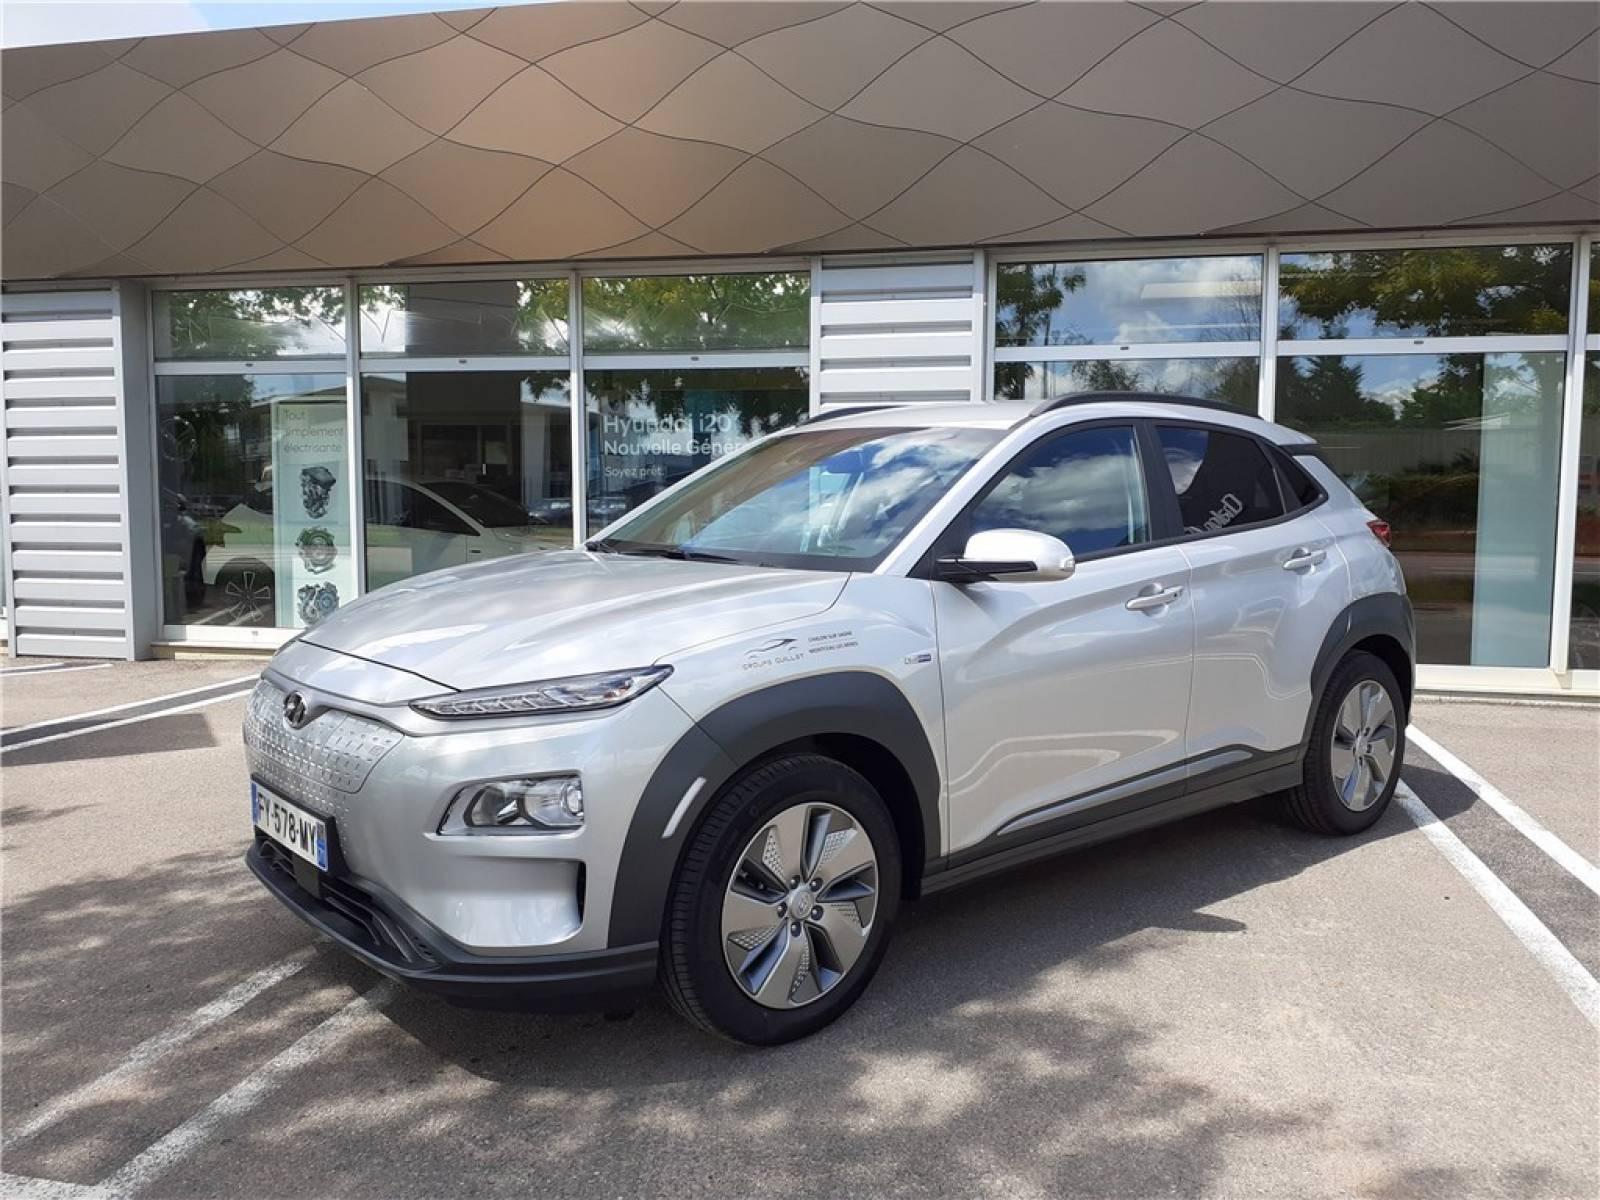 HYUNDAI Kona Electrique 64 kWh - 204 ch - véhicule d'occasion - Groupe Guillet - Chalon Automobiles - 71100 - Chalon-sur-Saône - 57